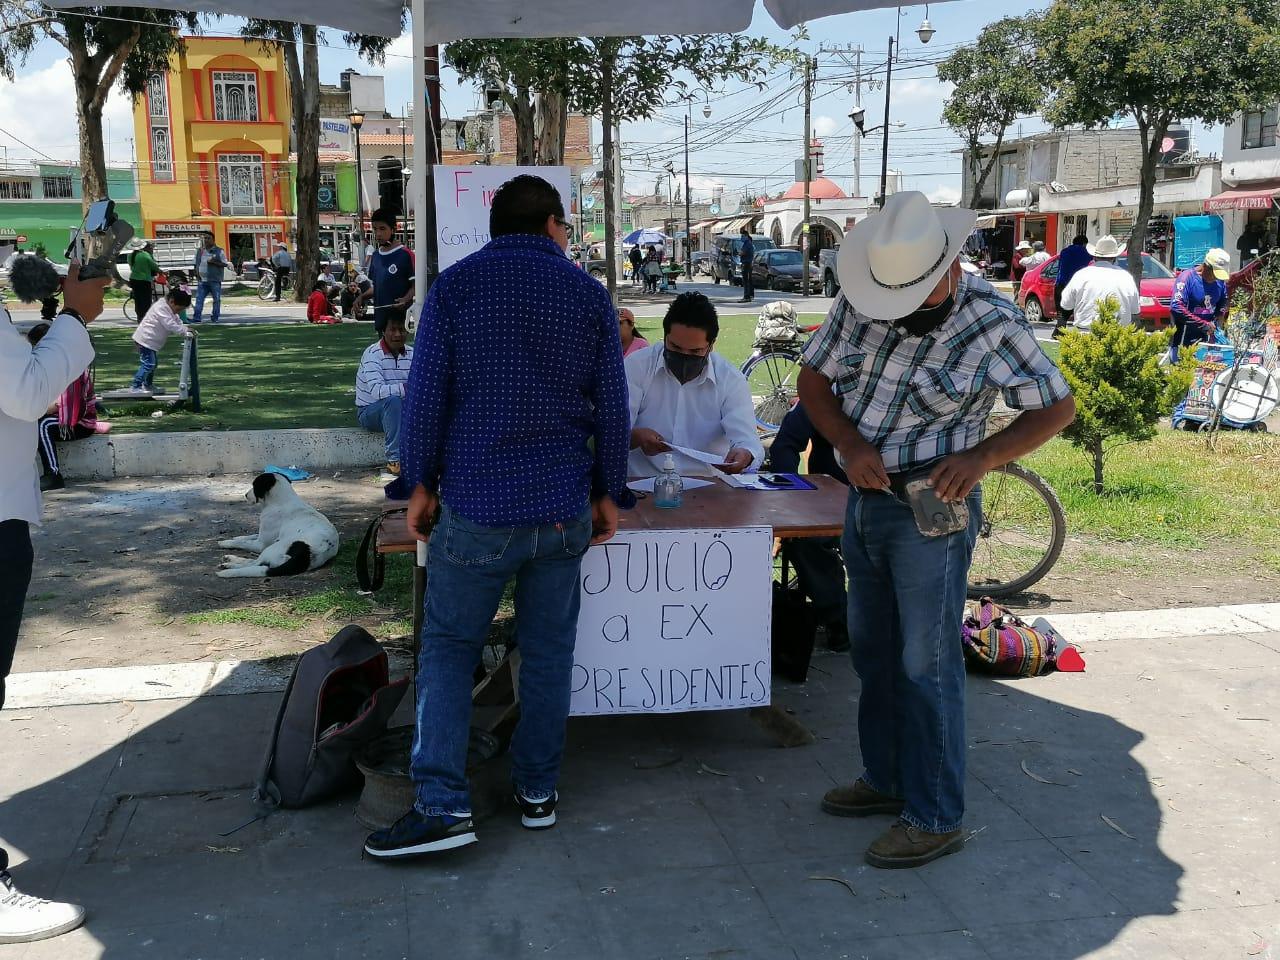 Comienza en Toluca colecta de firmas para enjuiciar a ex presidentes